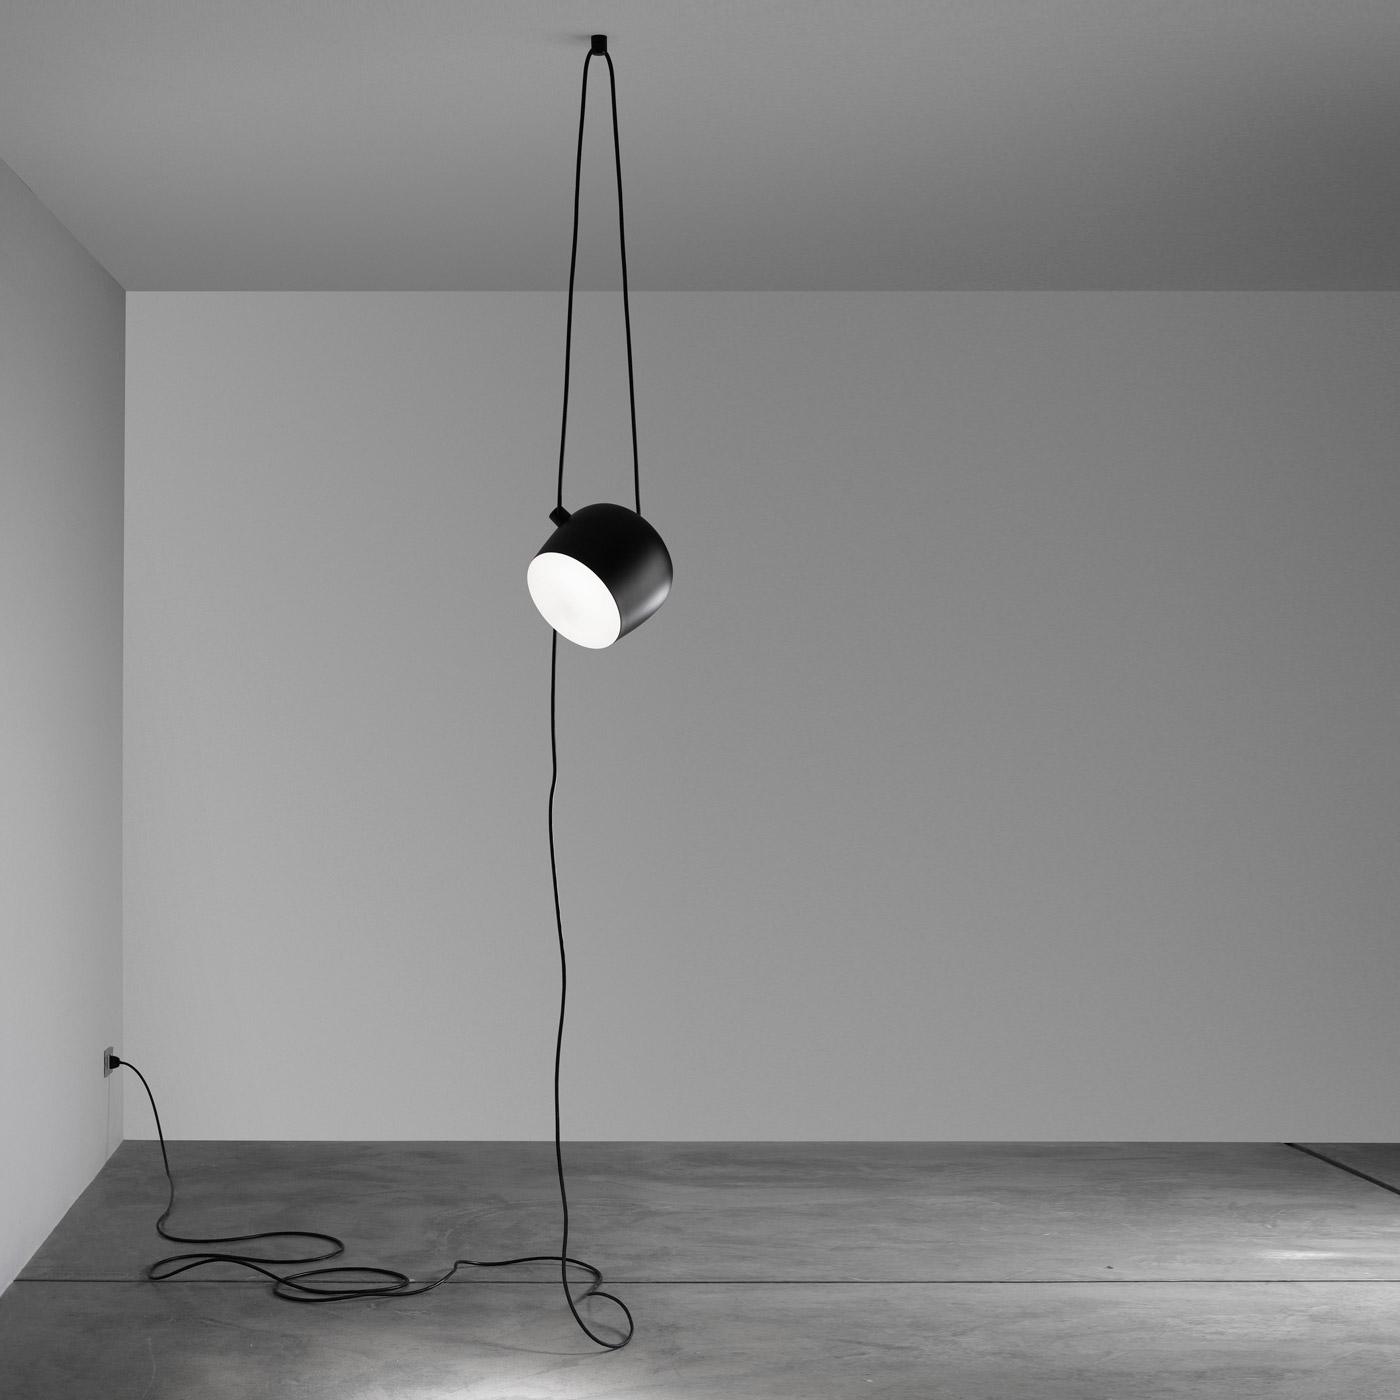 Forum Arredamento.it •Illuminazione Cucina con Travi e Punto Luce Laterale